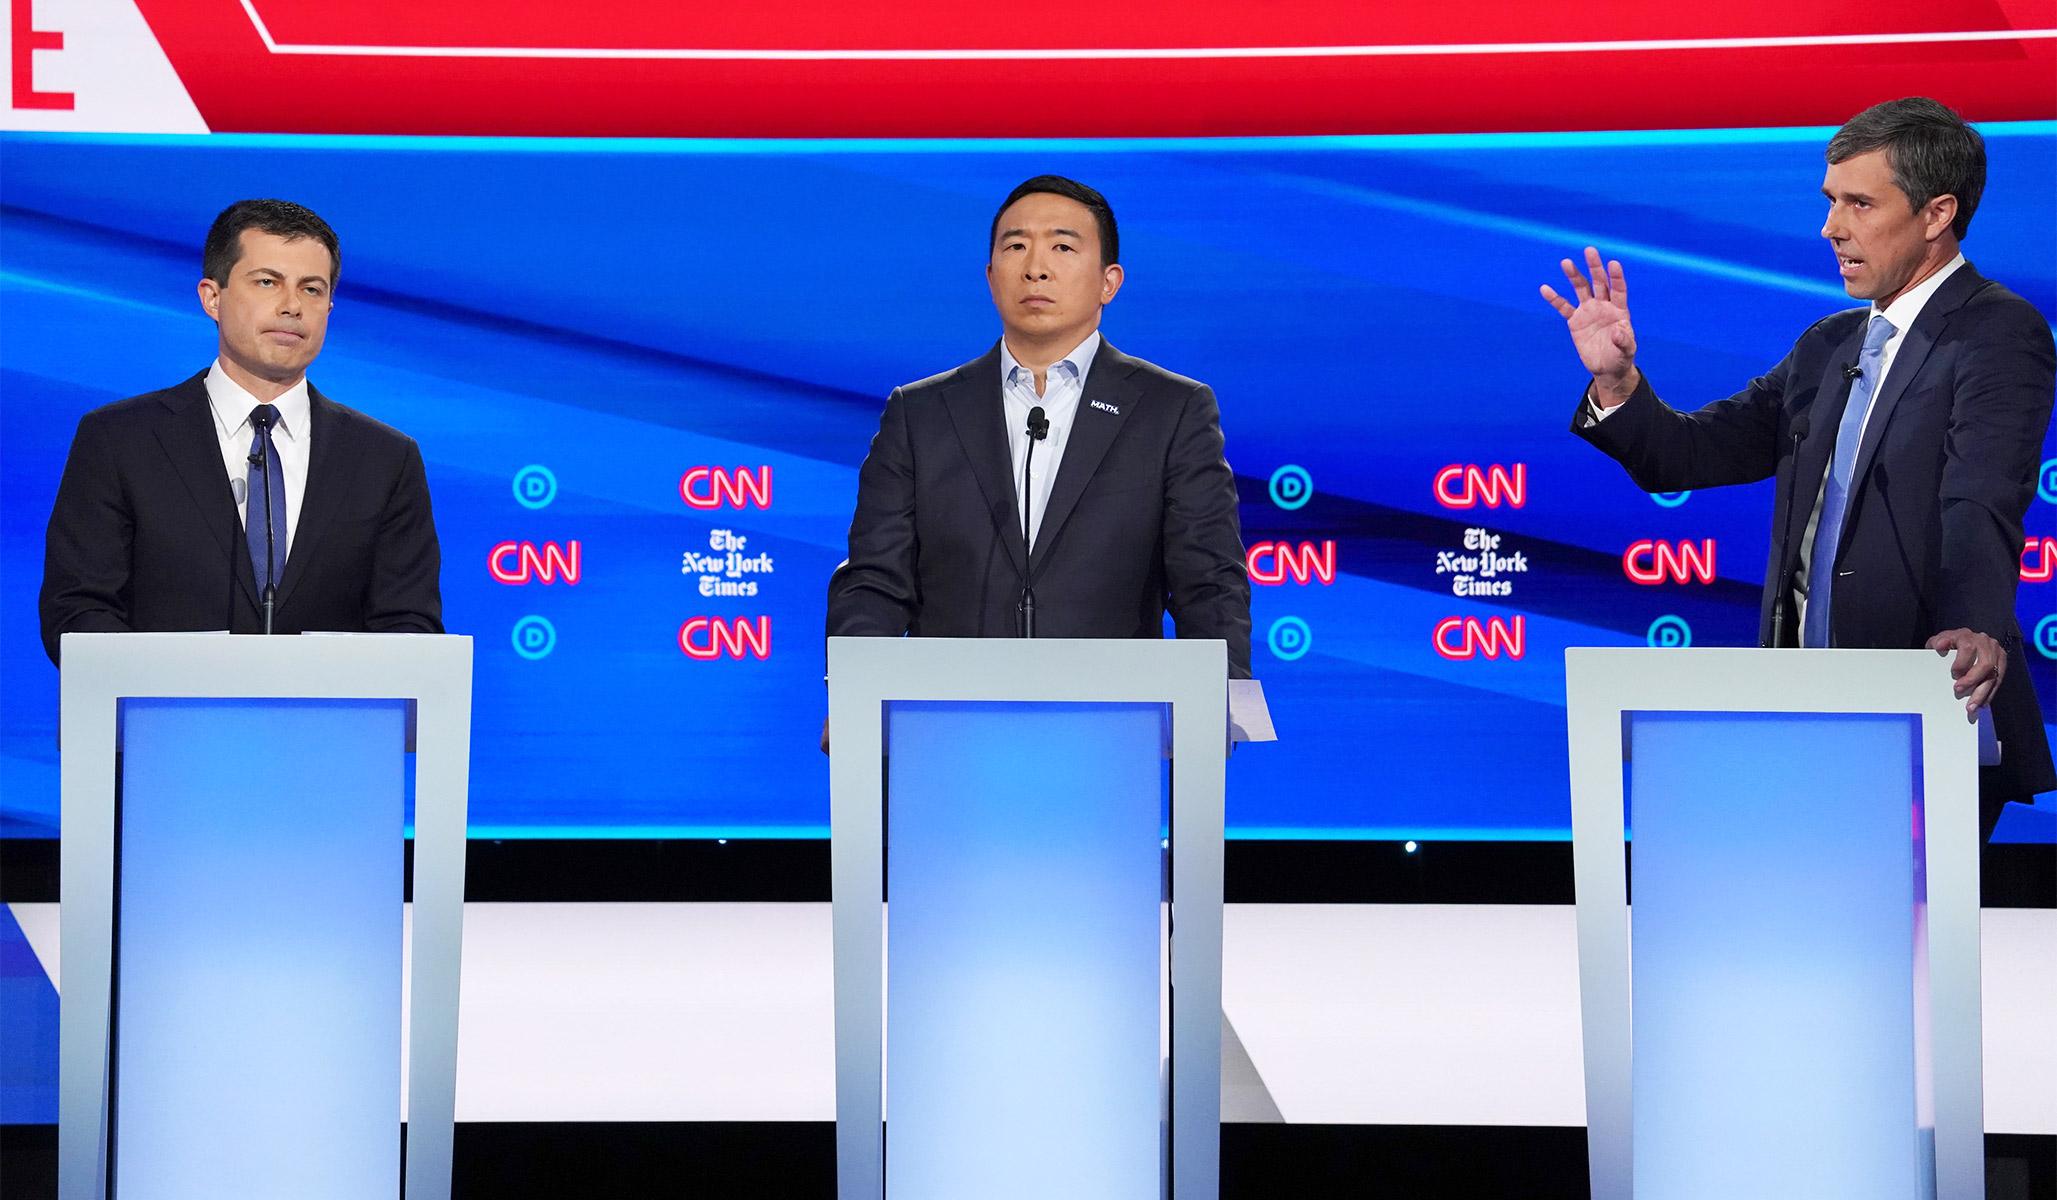 Last Night's Debate Was Full of Genuine Surprises